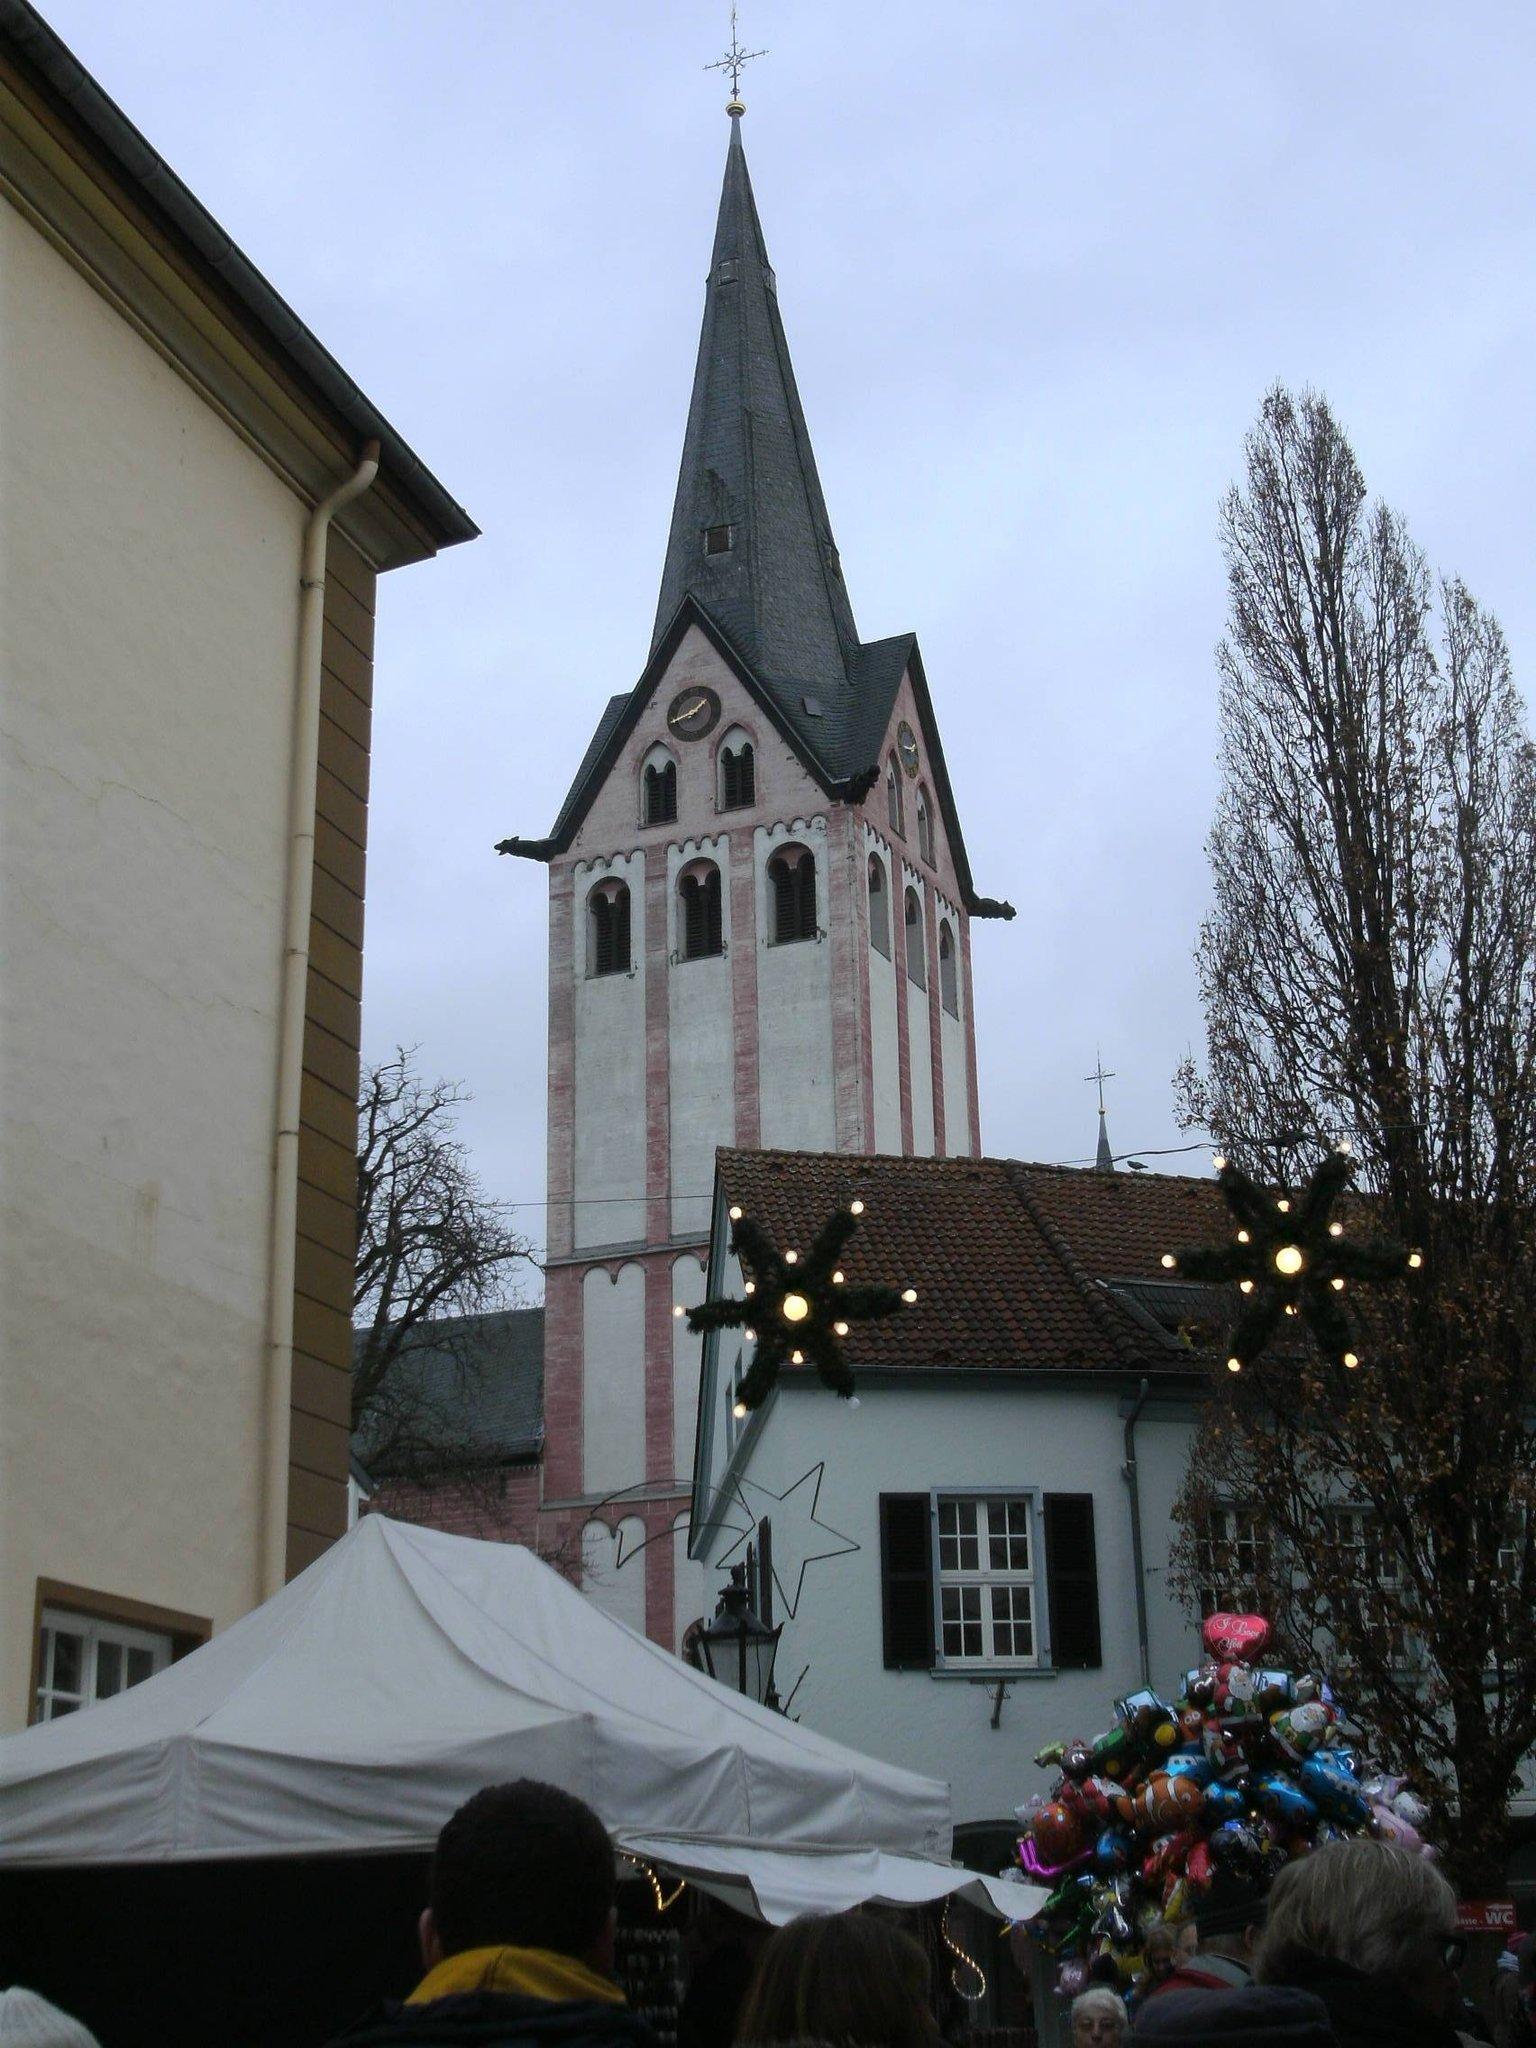 Weihnachtsmarkt Kempen.Kempen Historische Altstadt Im Weihnachtsglanz Kamp Lintfort